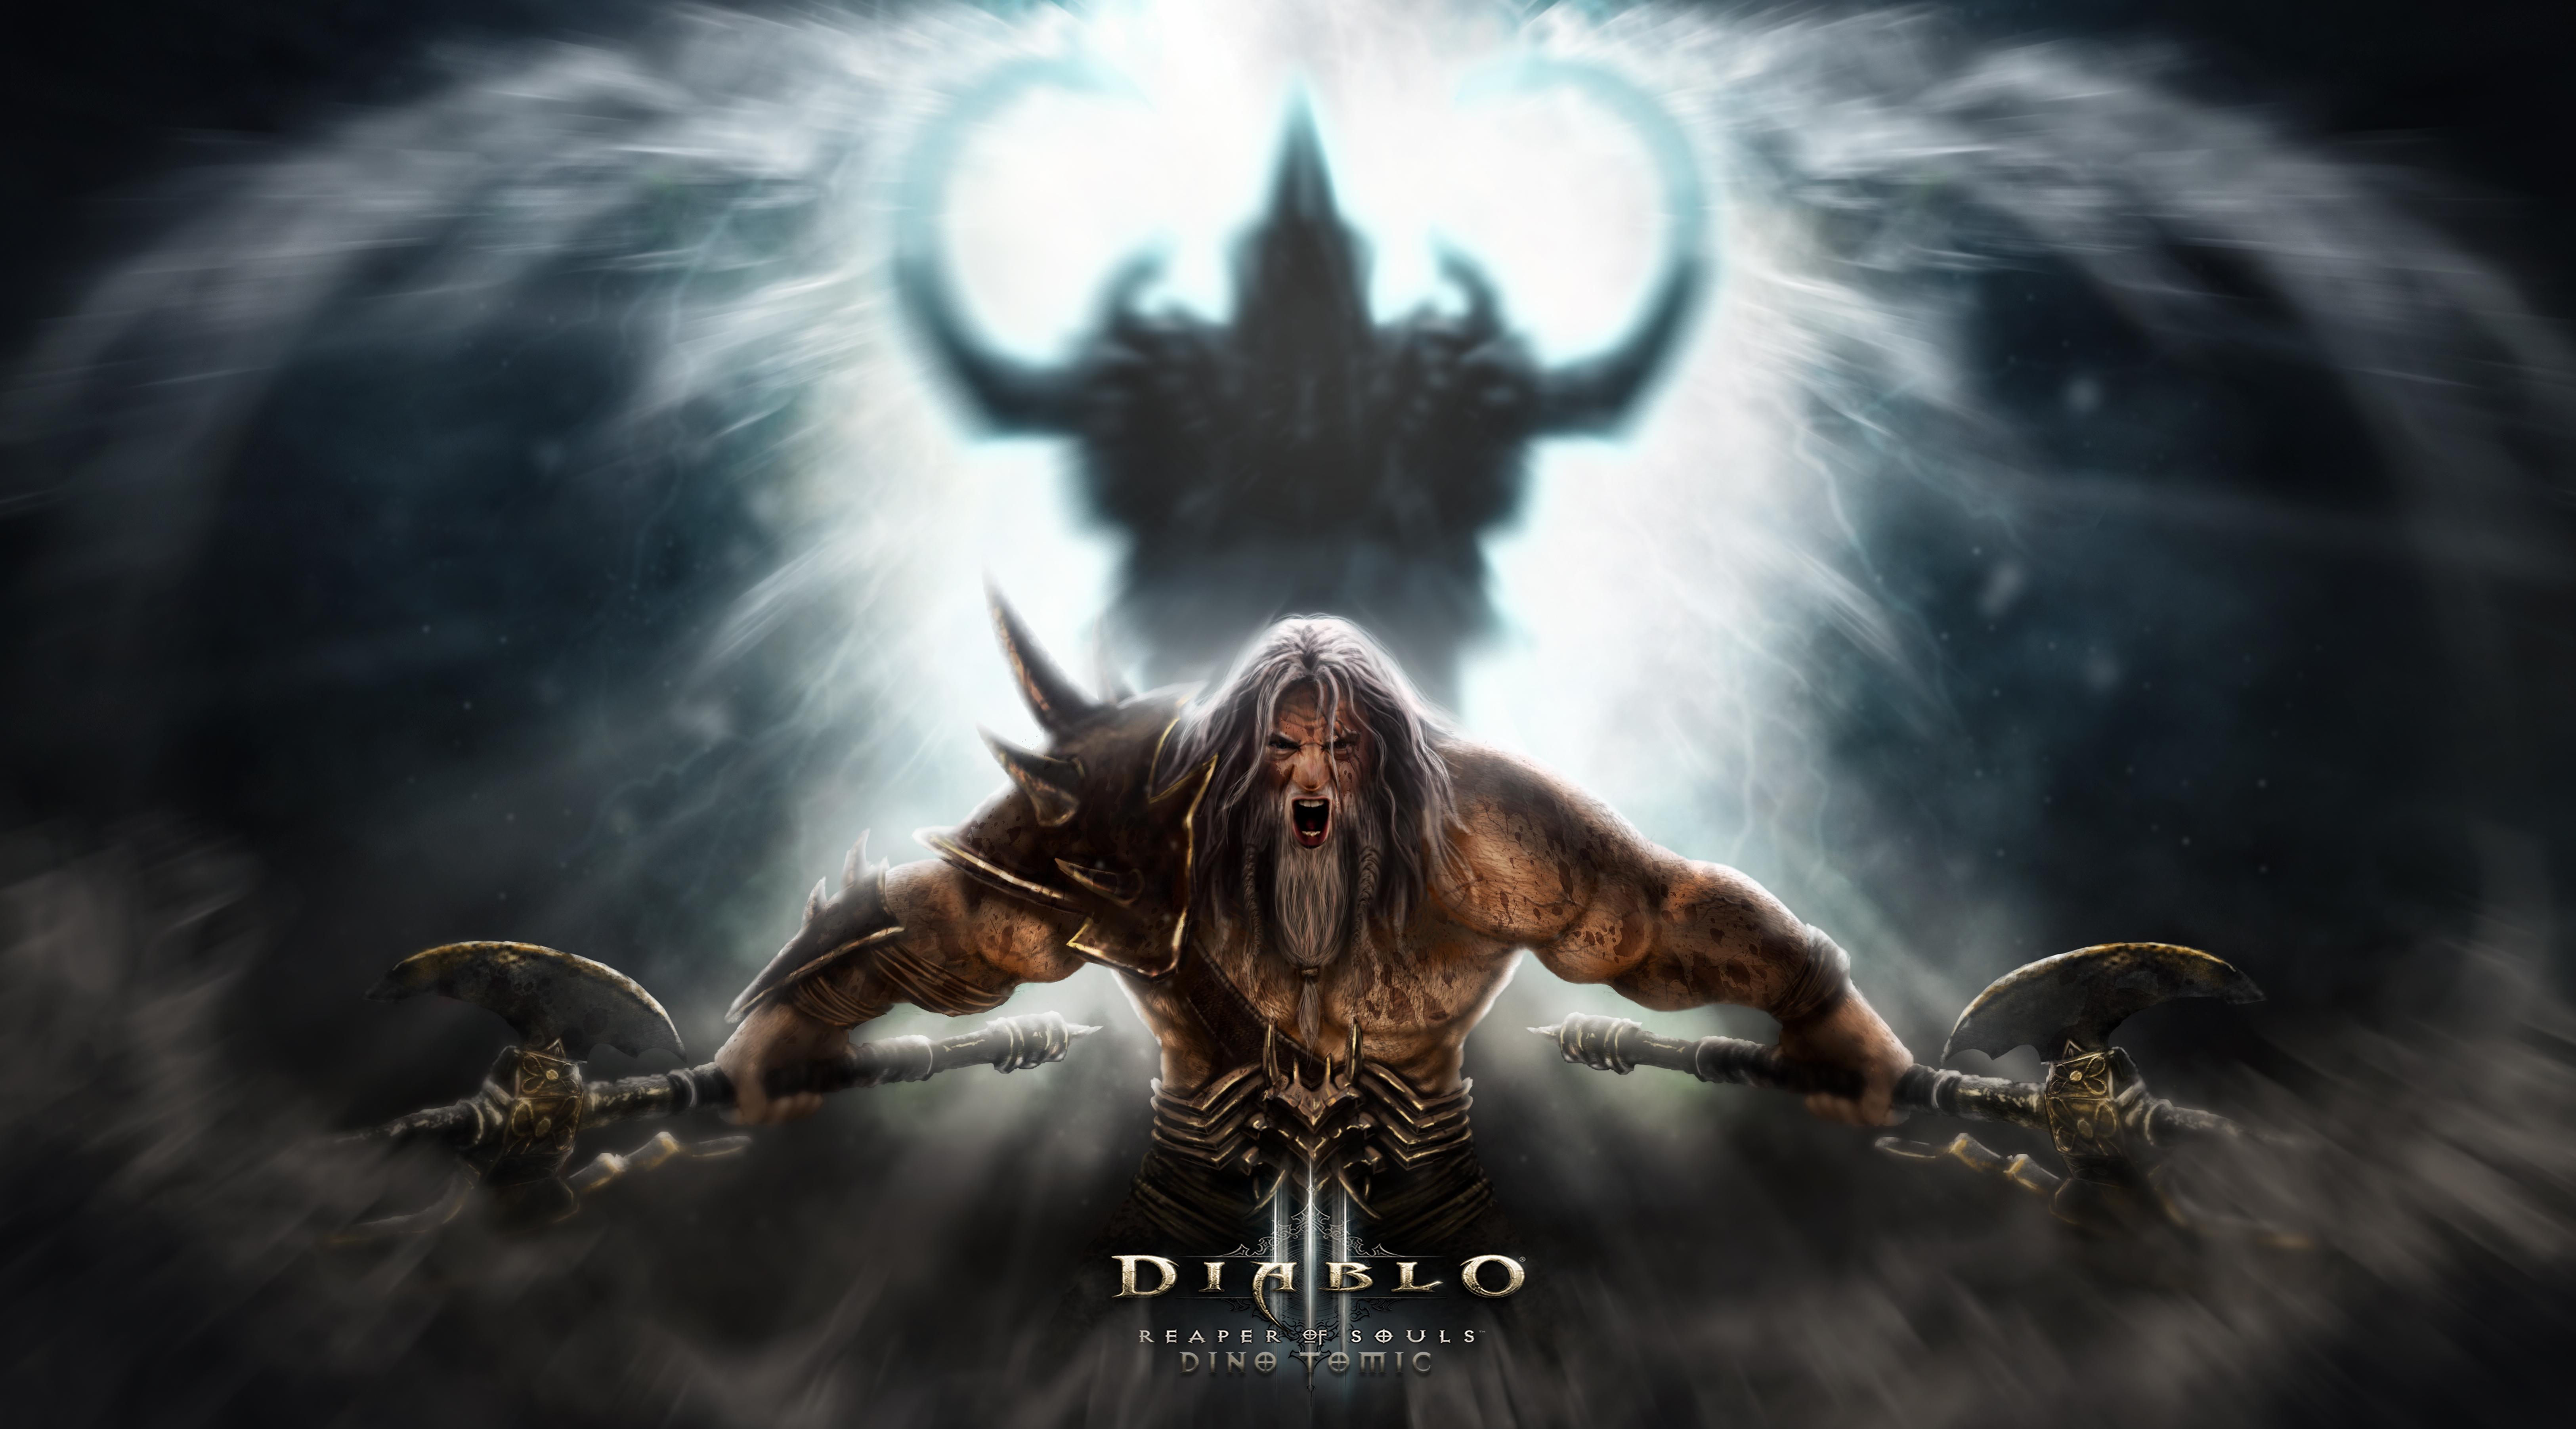 Diablo III: Reaper Of Souls Computer Wallpapers, Desktop Backgrounds ...